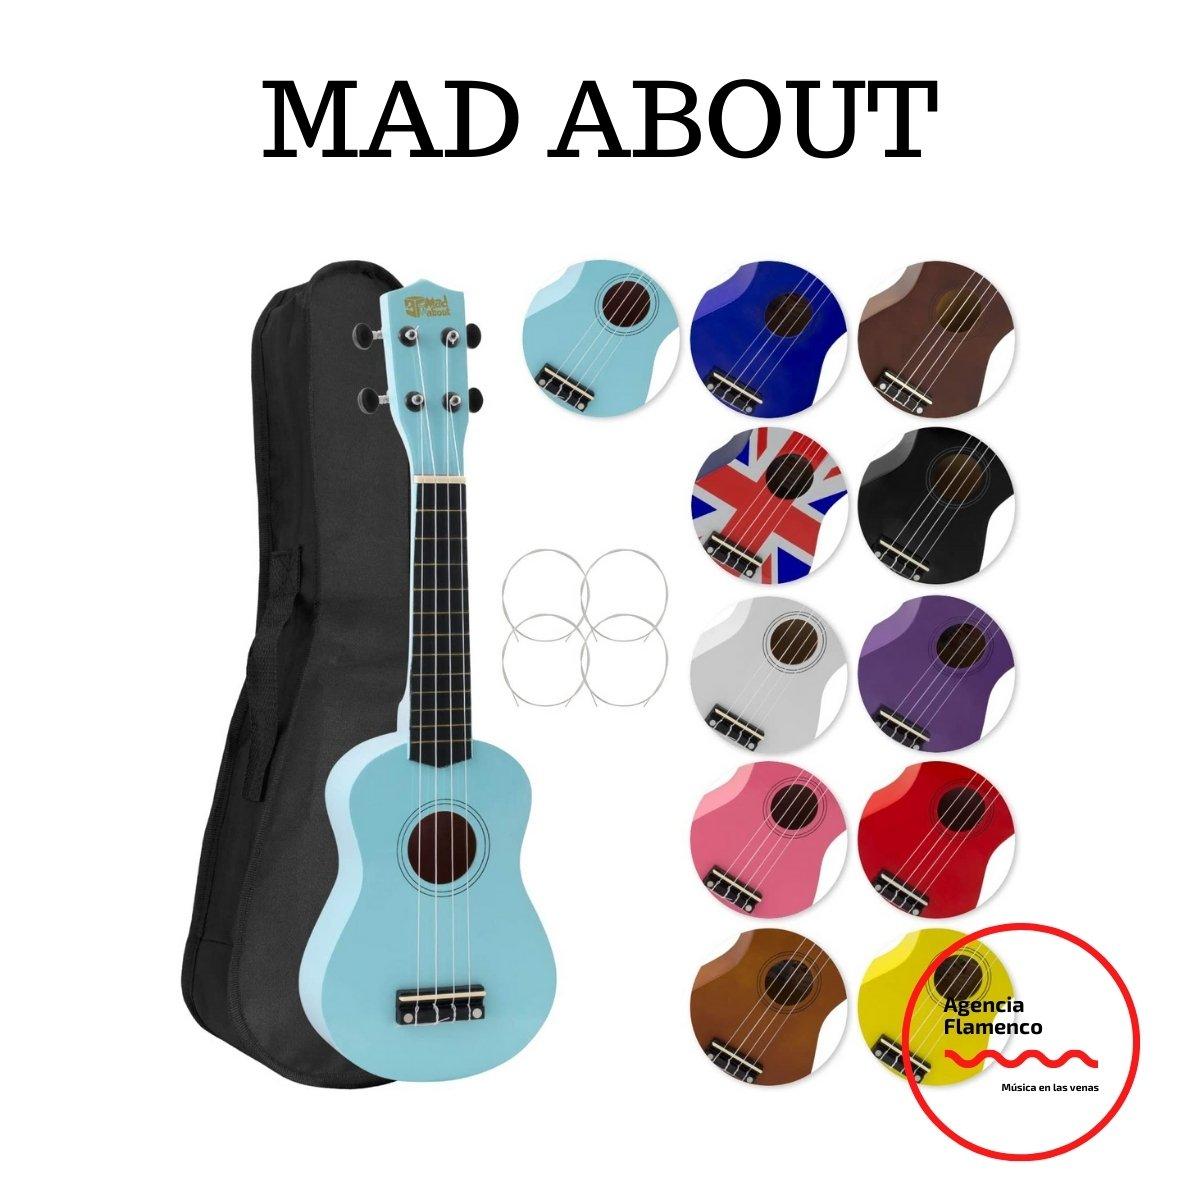 4 Mad About SU8 Ukelele soprano en azul claro con estuche